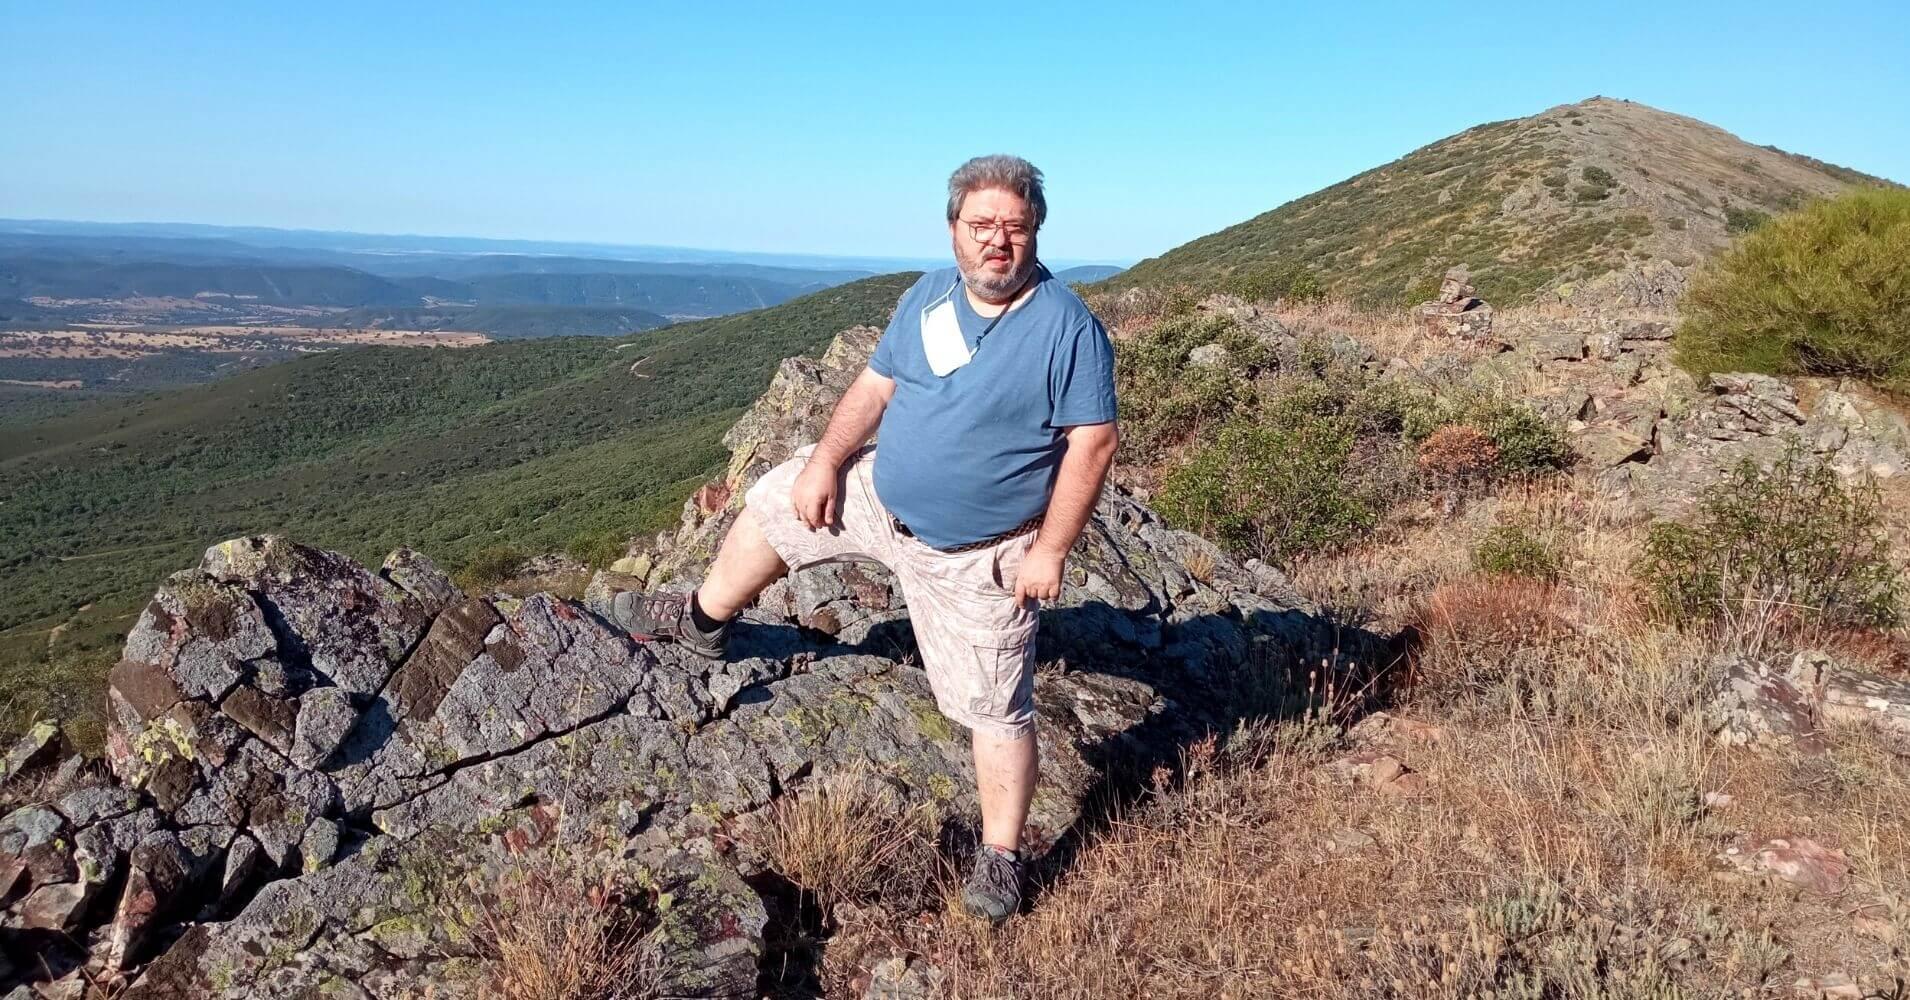 Collado entre Cerro Lagunillas y Cerro Vicente 1430m. Montes de Toledo. Castilla la Mancha.